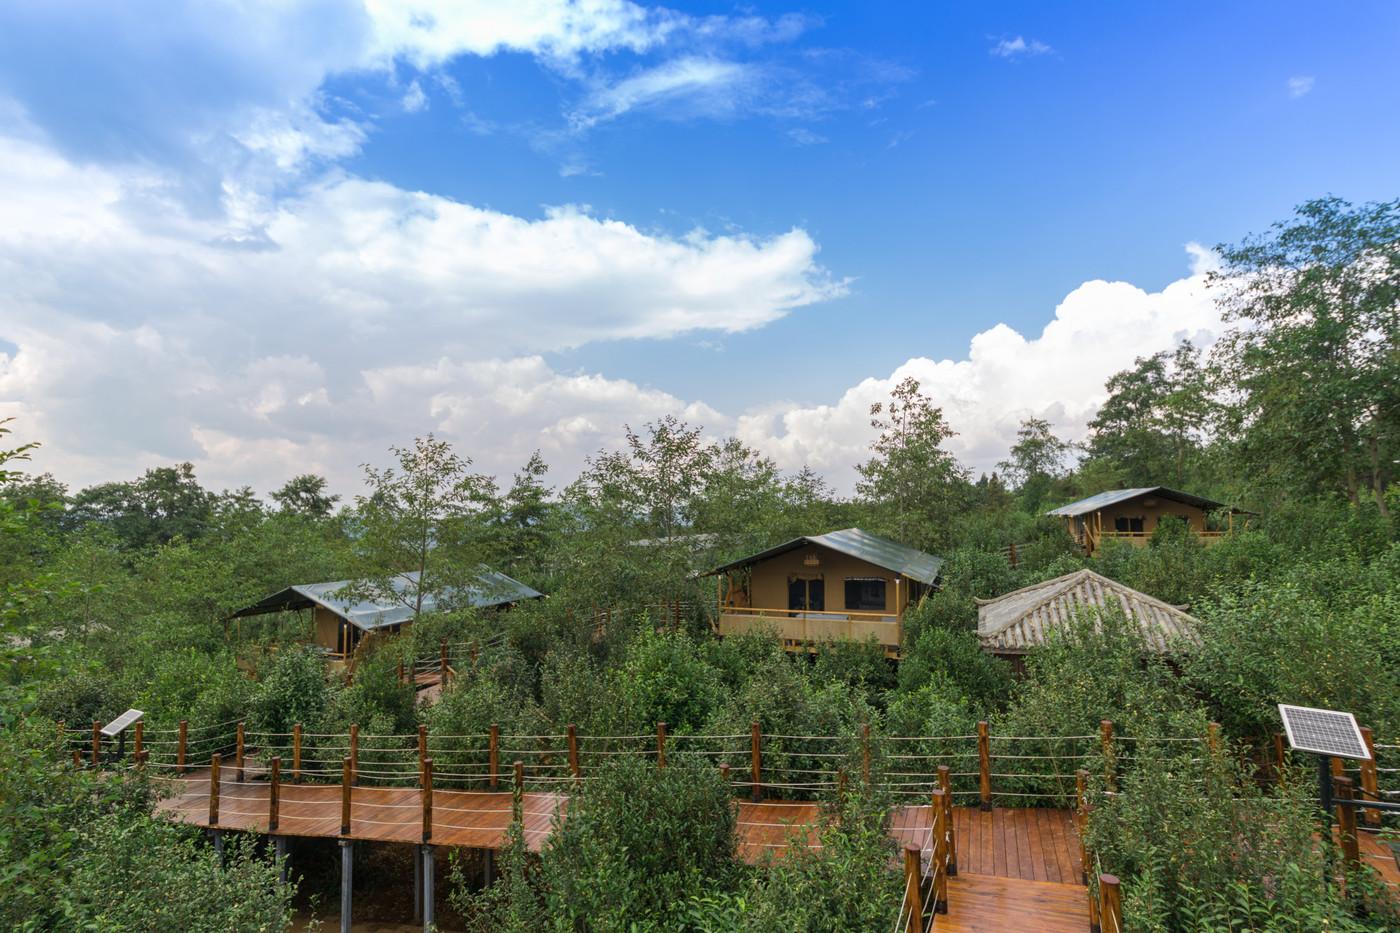 喜马拉雅野奢帐篷酒店—云南腾冲高黎贡山茶博园1